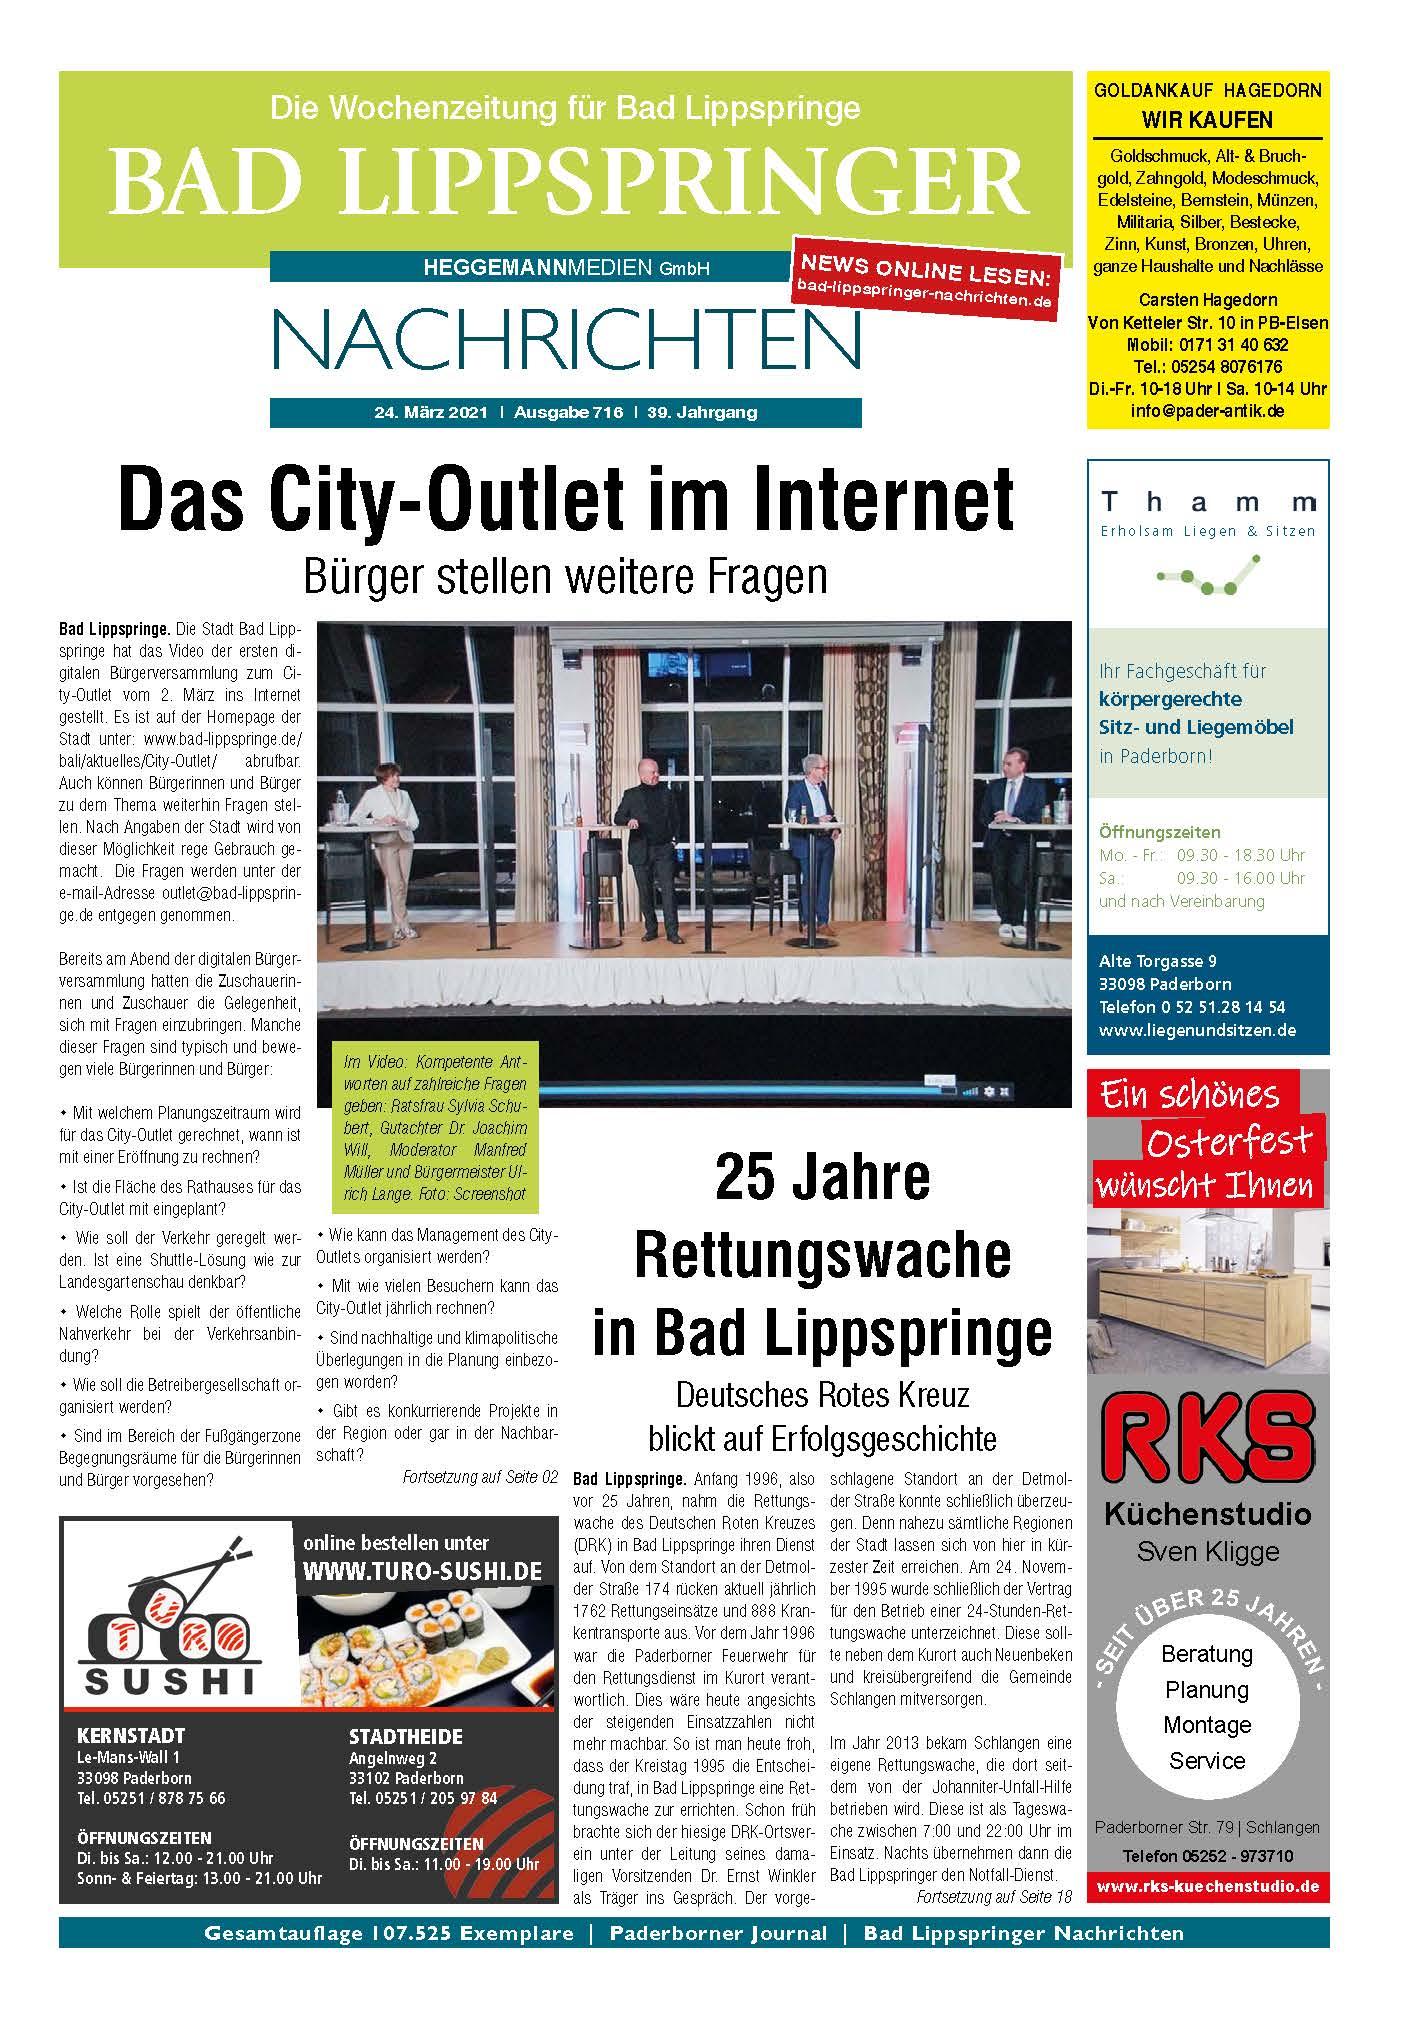 Bad Lippspringer Nachrichten 715 vom 03.03.2021